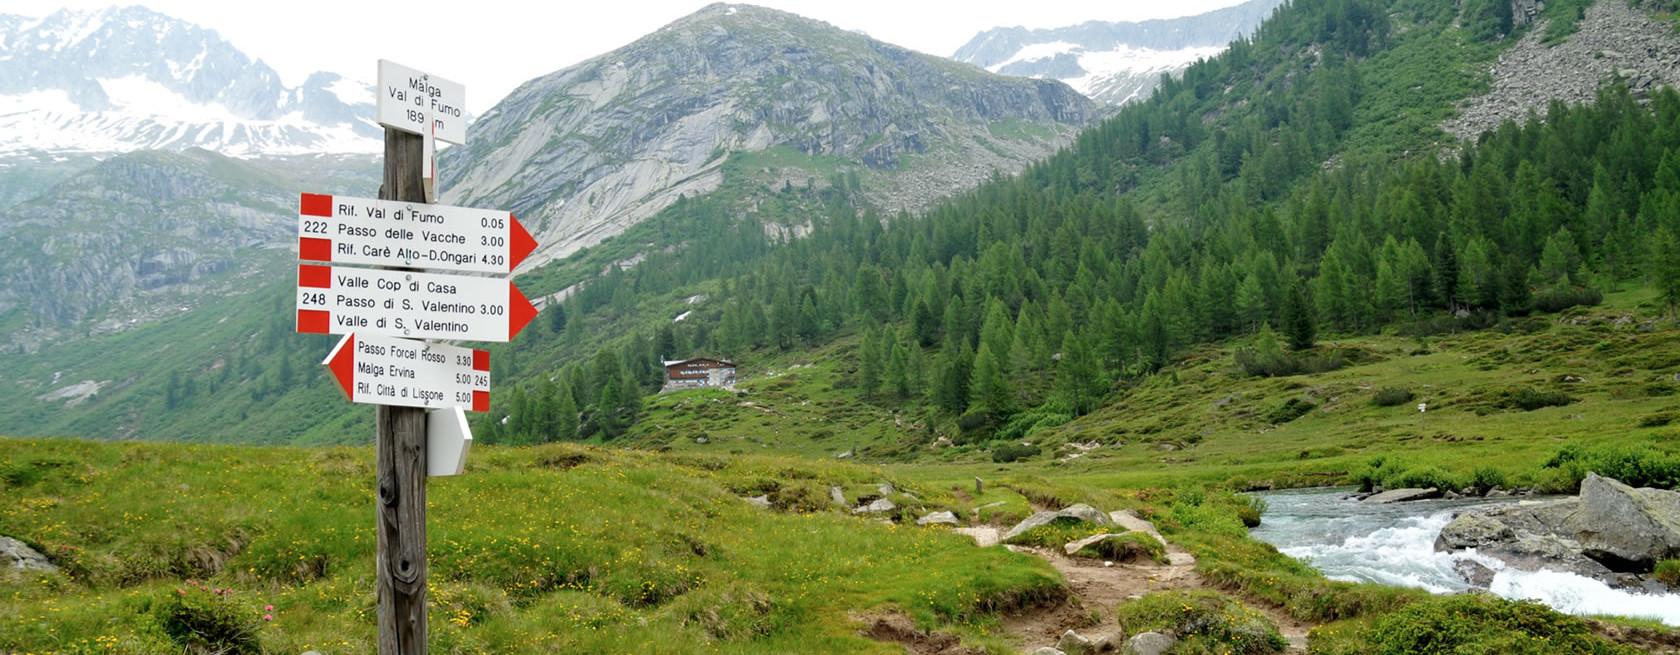 Sentieri trekking in Valle di Daone